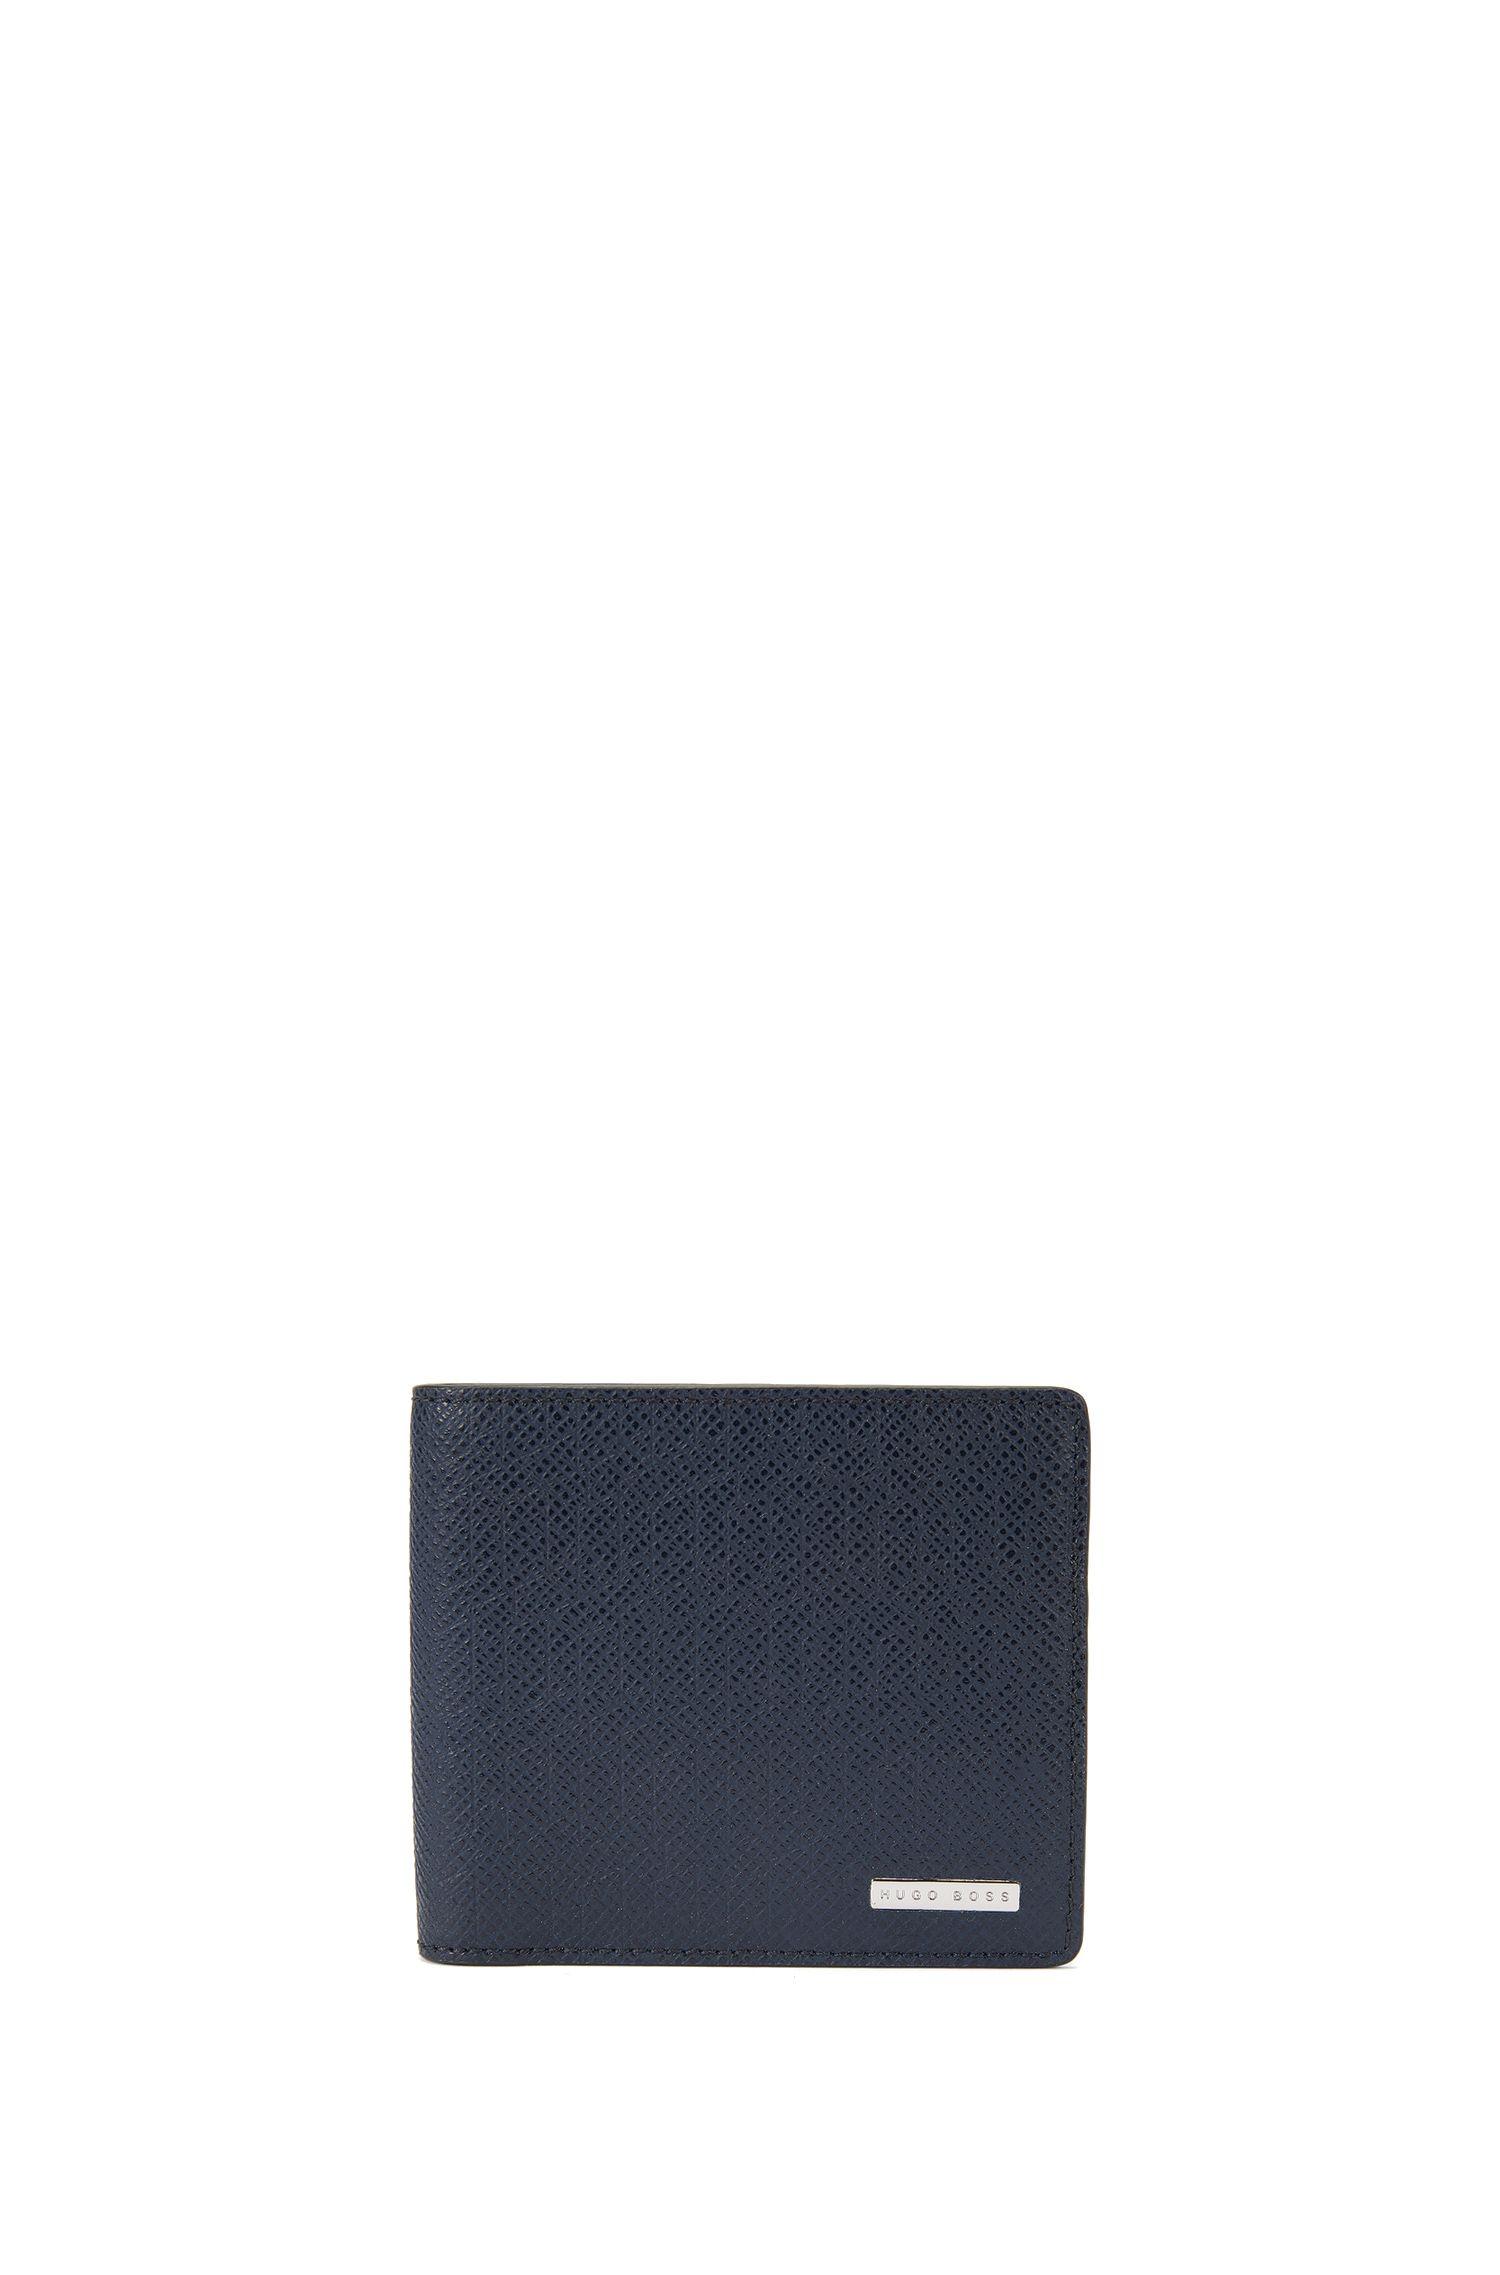 Openklapbare portemonnee van leer met 8 vakjes voor pasjes, uit de Signature Holiday Edition